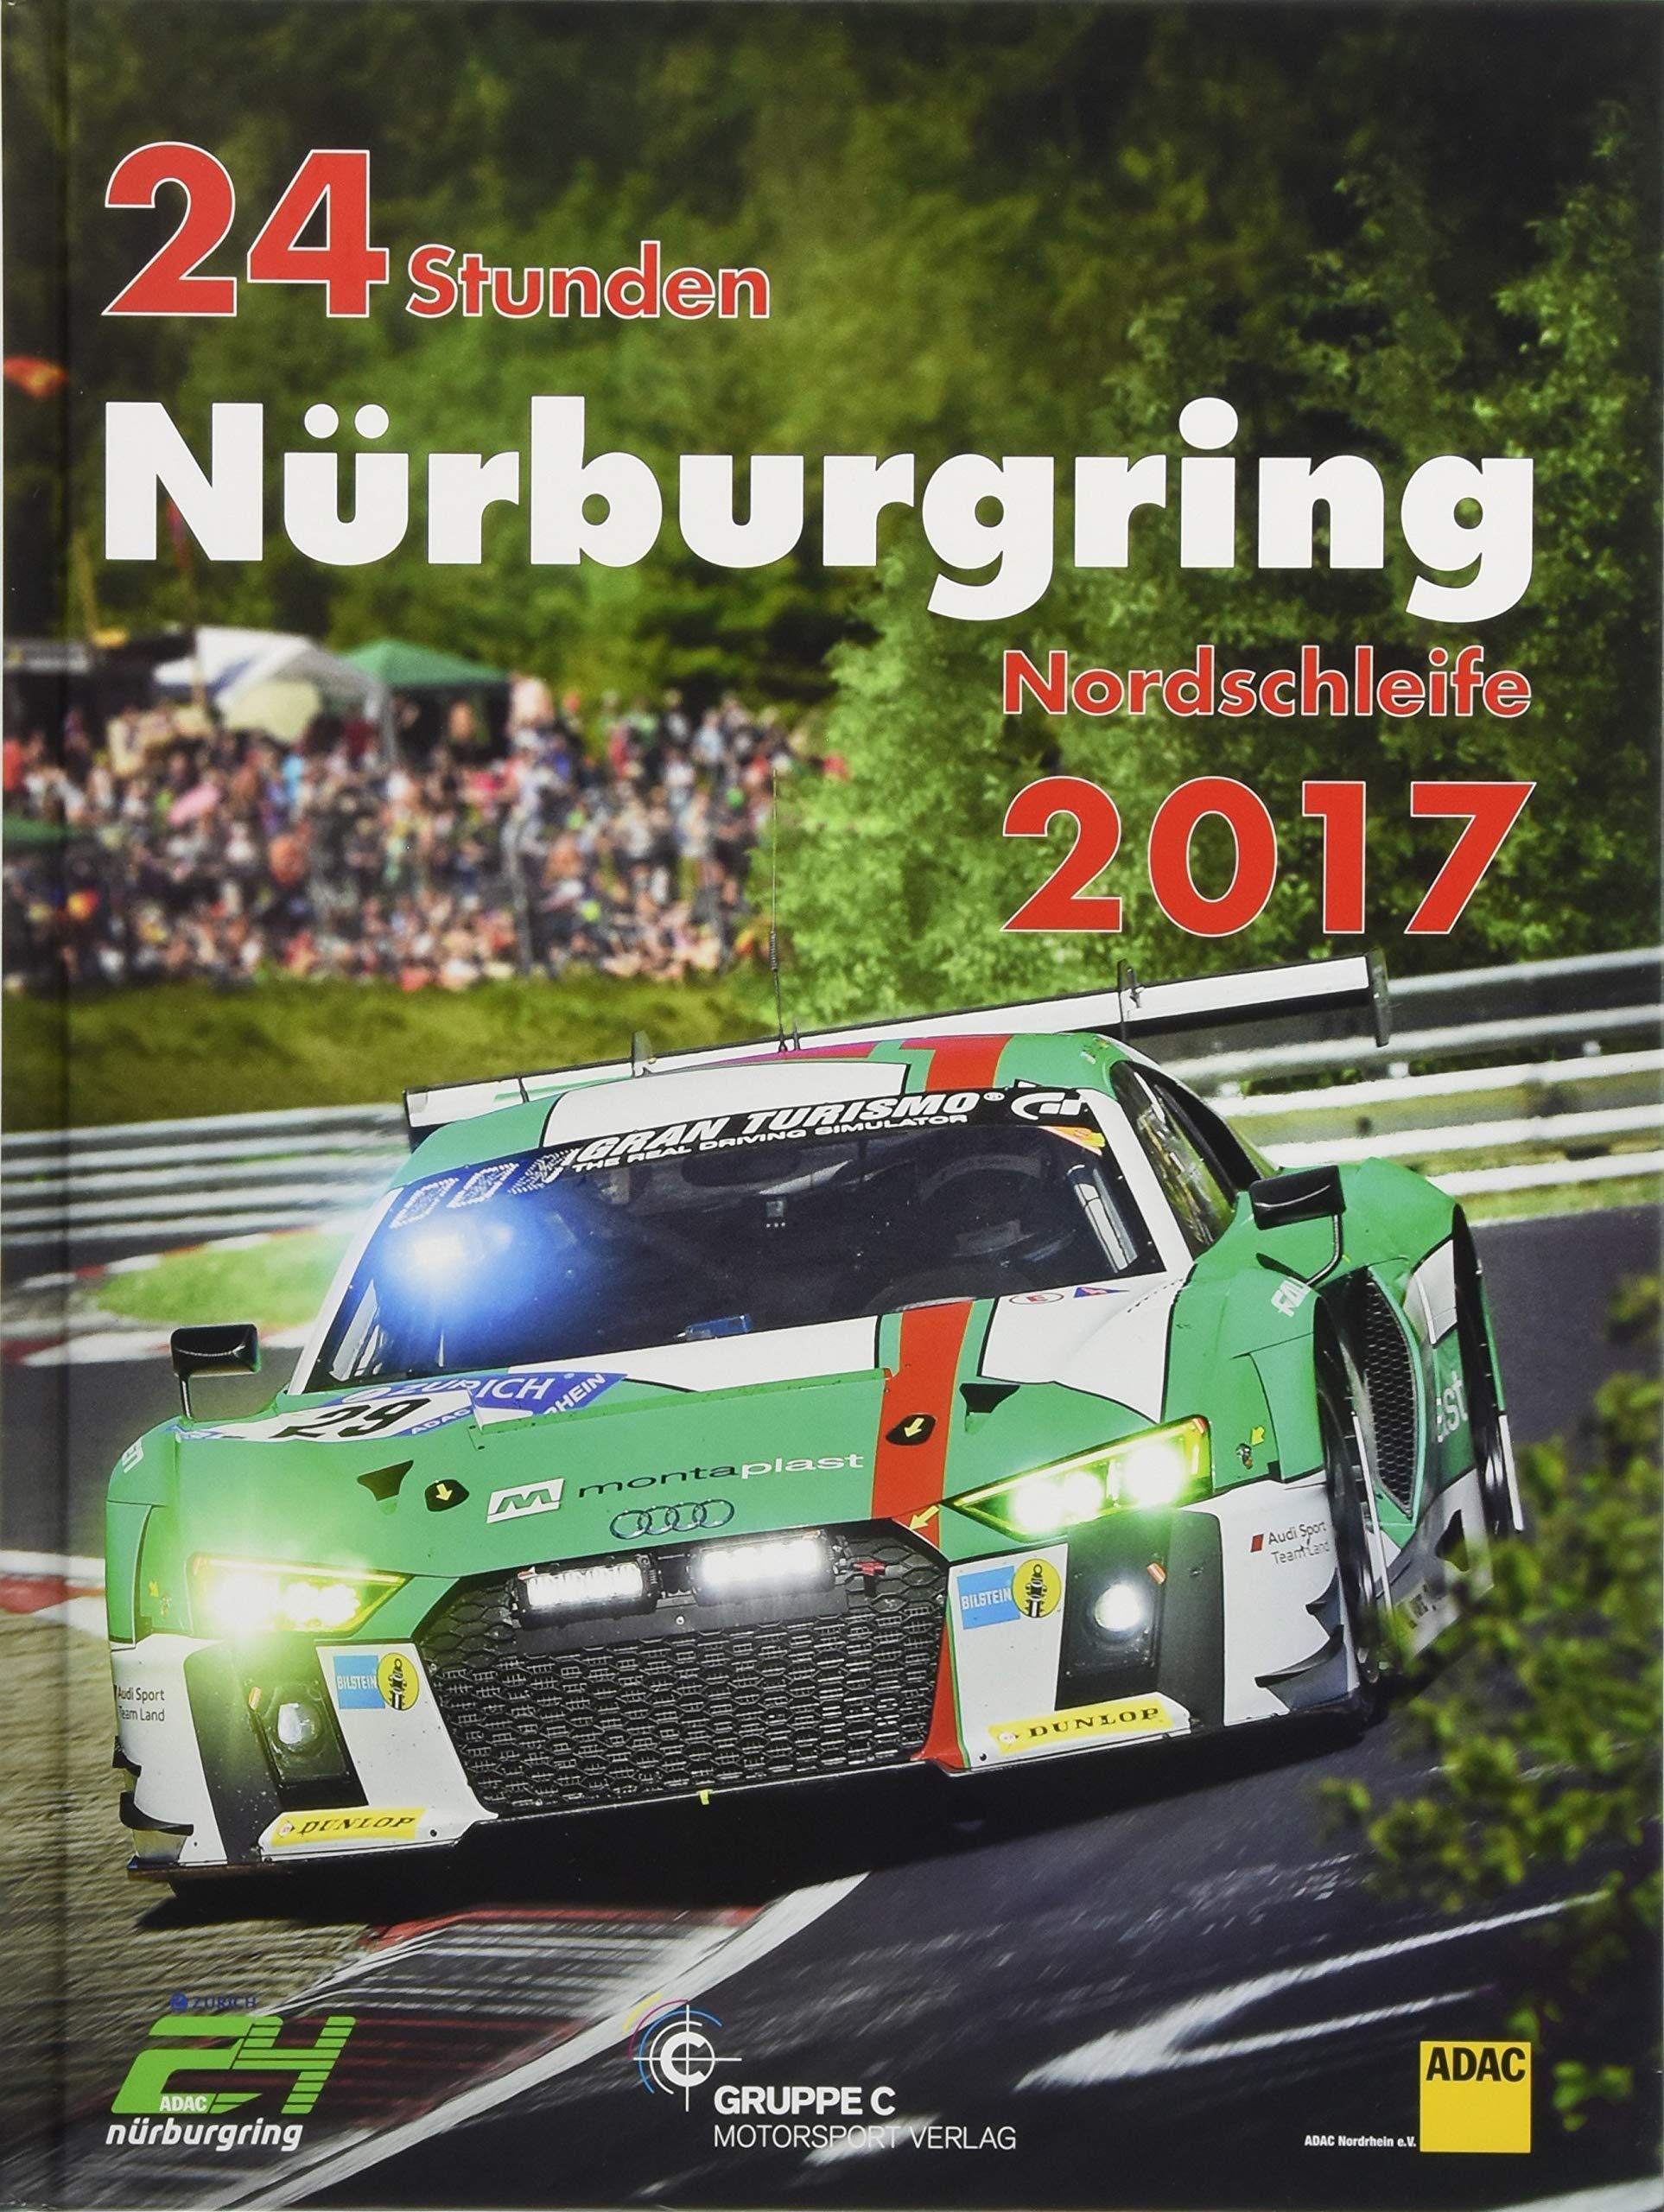 24h-rennen-nrburgring-offizielles-jahrbuch-zum-24-stunden-rennen-auf-dem-nrburgring-2017-jahrbuch-24-stunden-nrburgring-nordschleife